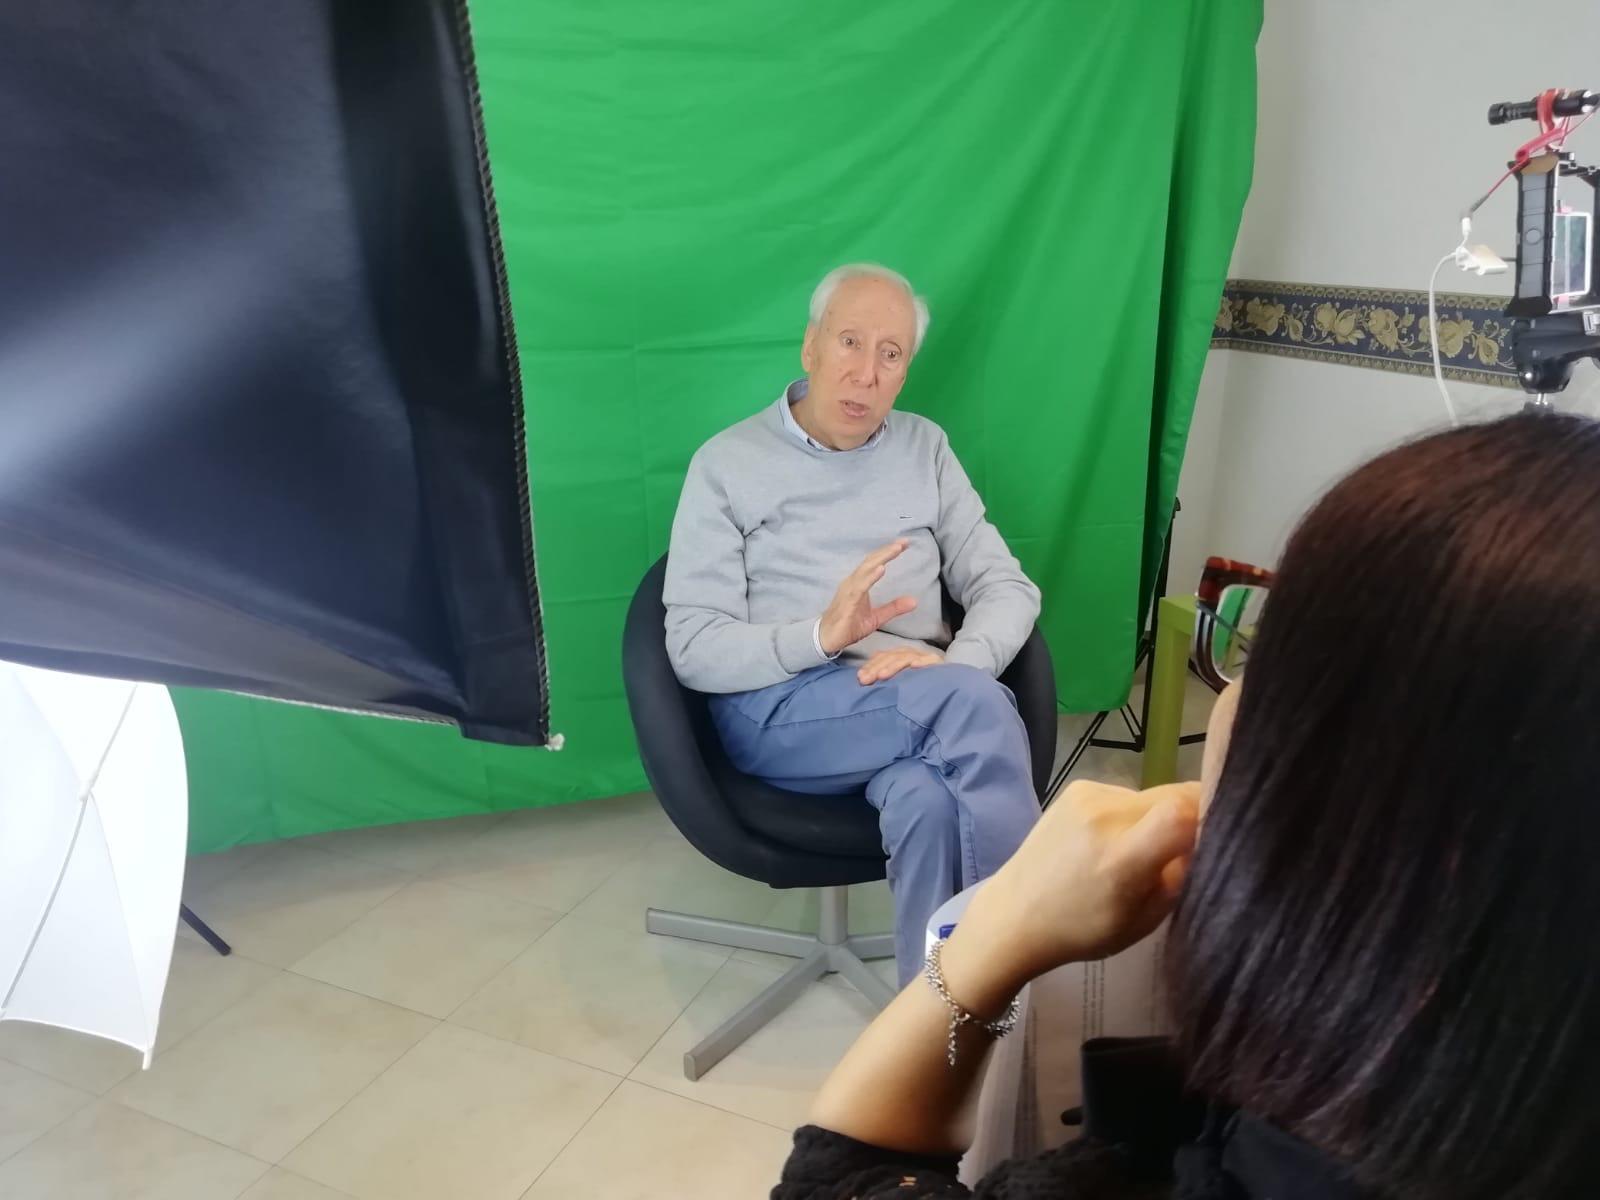 Video intervista al sindaco di Tivoli Giuseppe Proietti